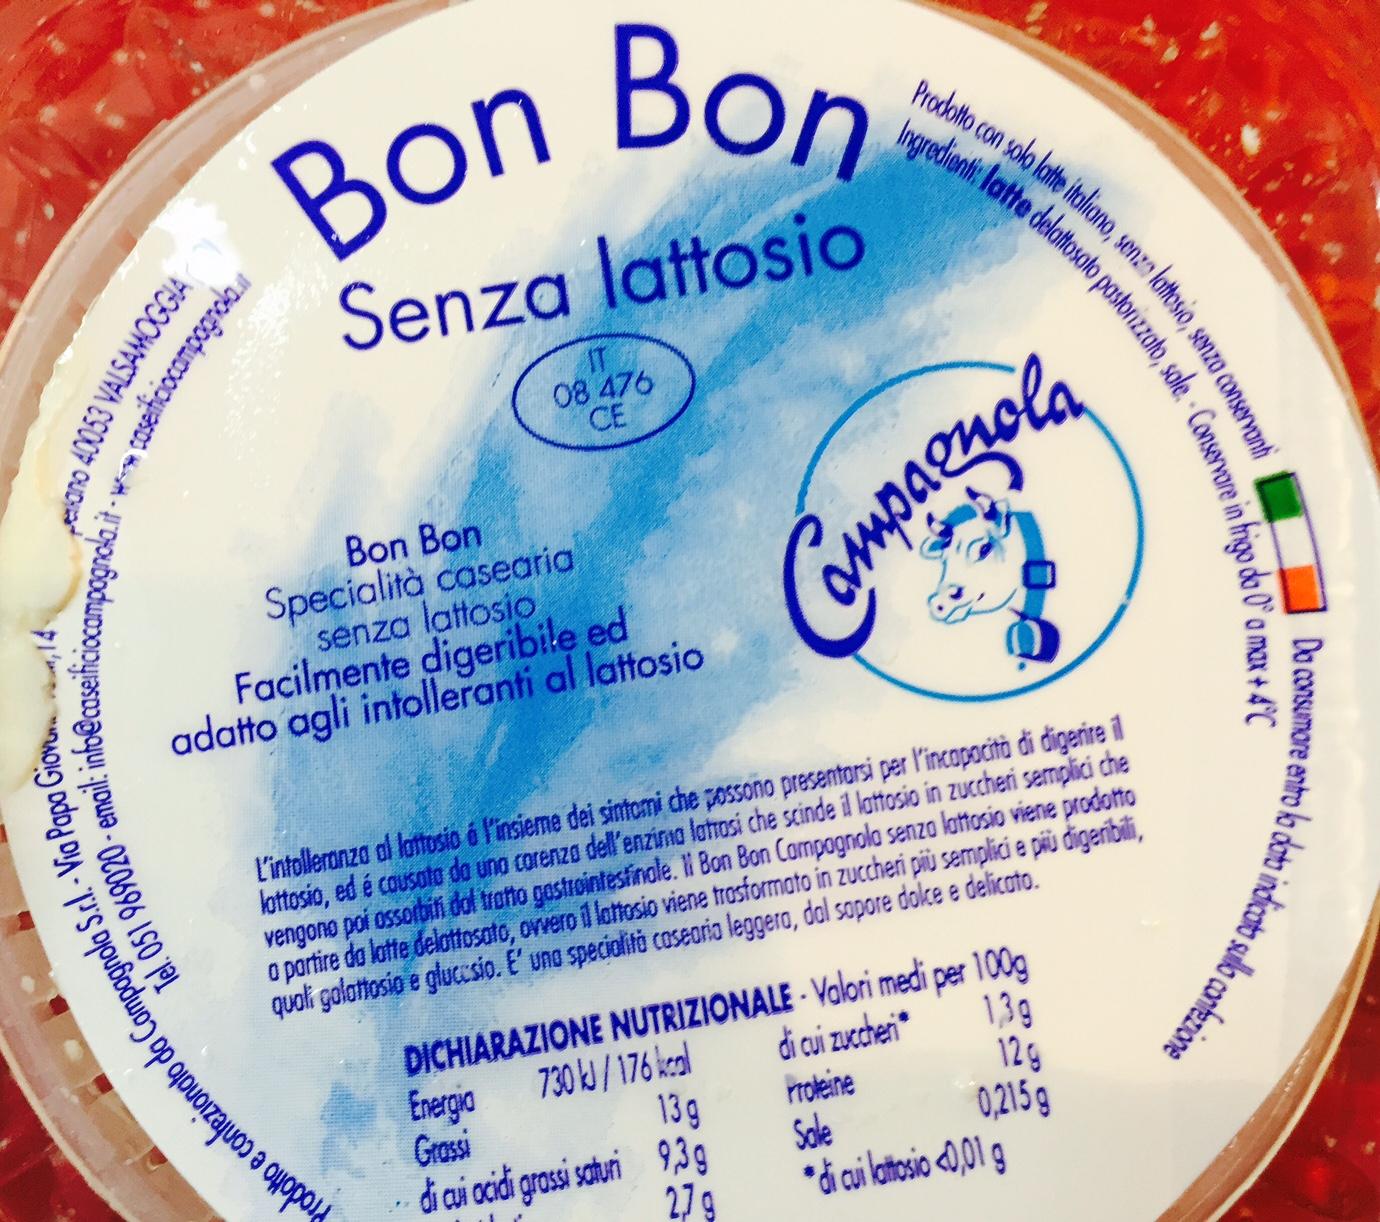 Bon bon senza lattosio - lattosio <0,01 Image